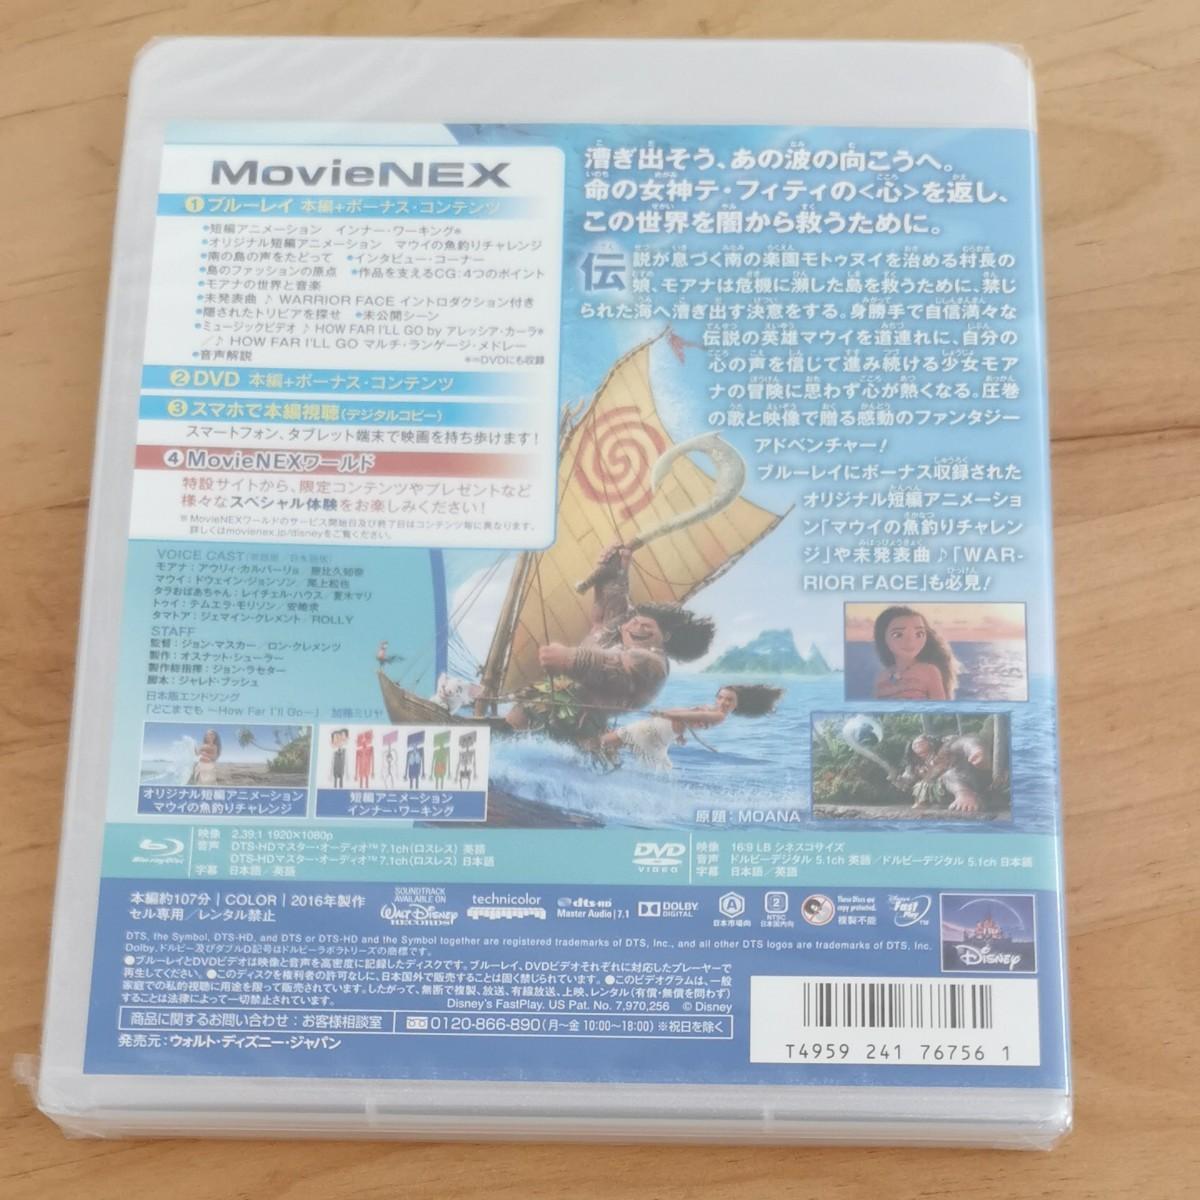 新品未開封 モアナと伝説の海 MovieNEX('16米)〈2枚組〉DVD Blu-ray ディズニー